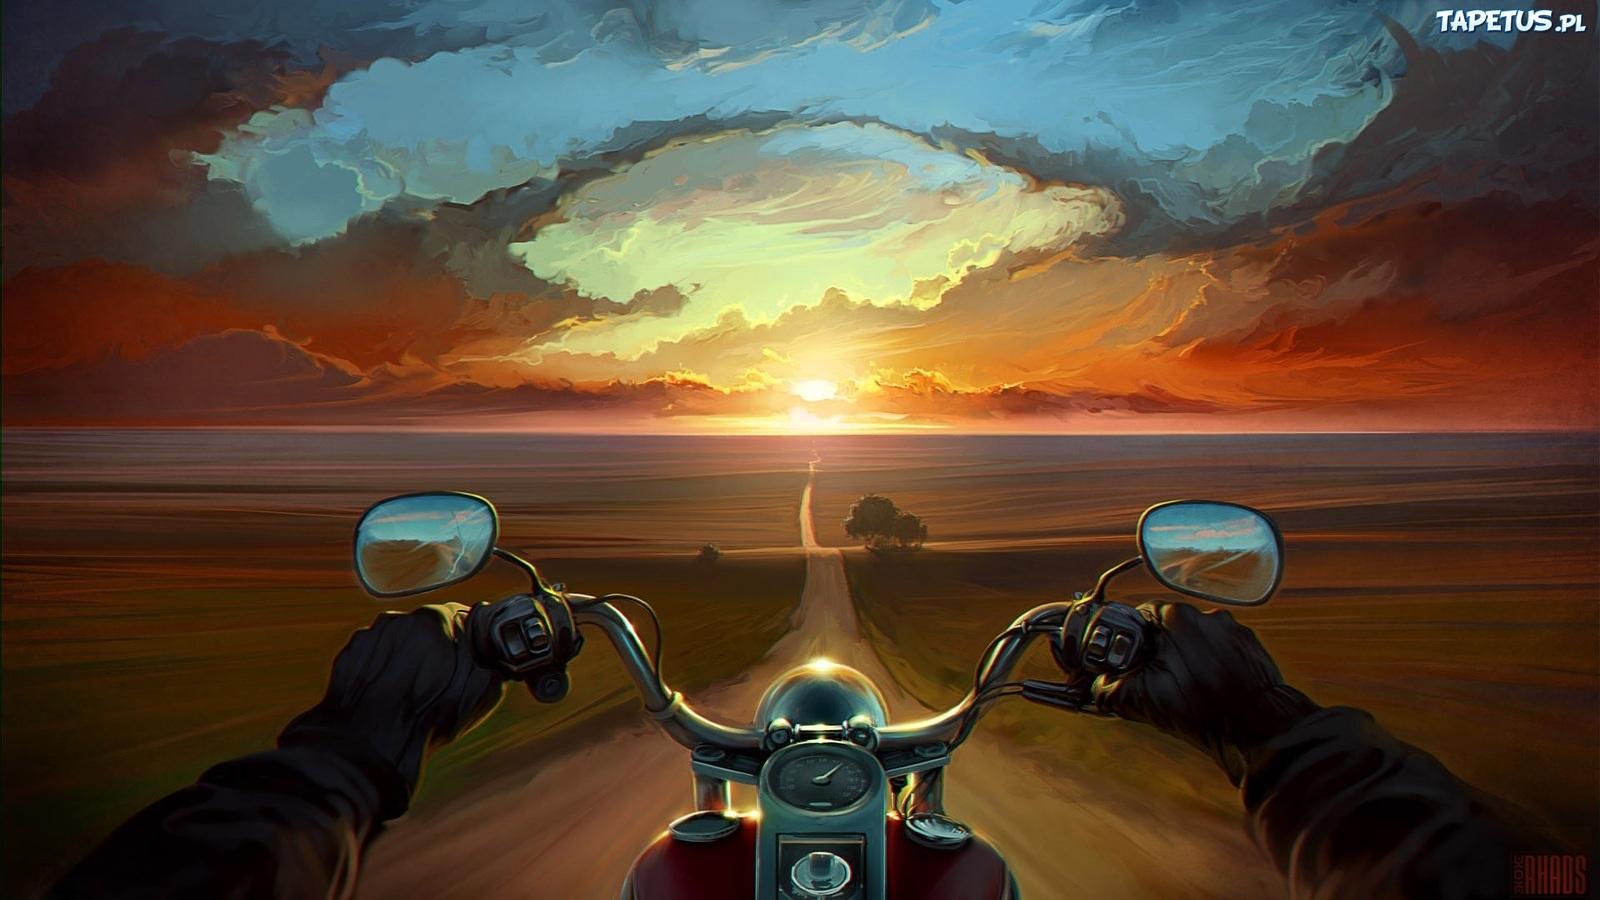 Tapeta obraz droga motocykl zachód słońca